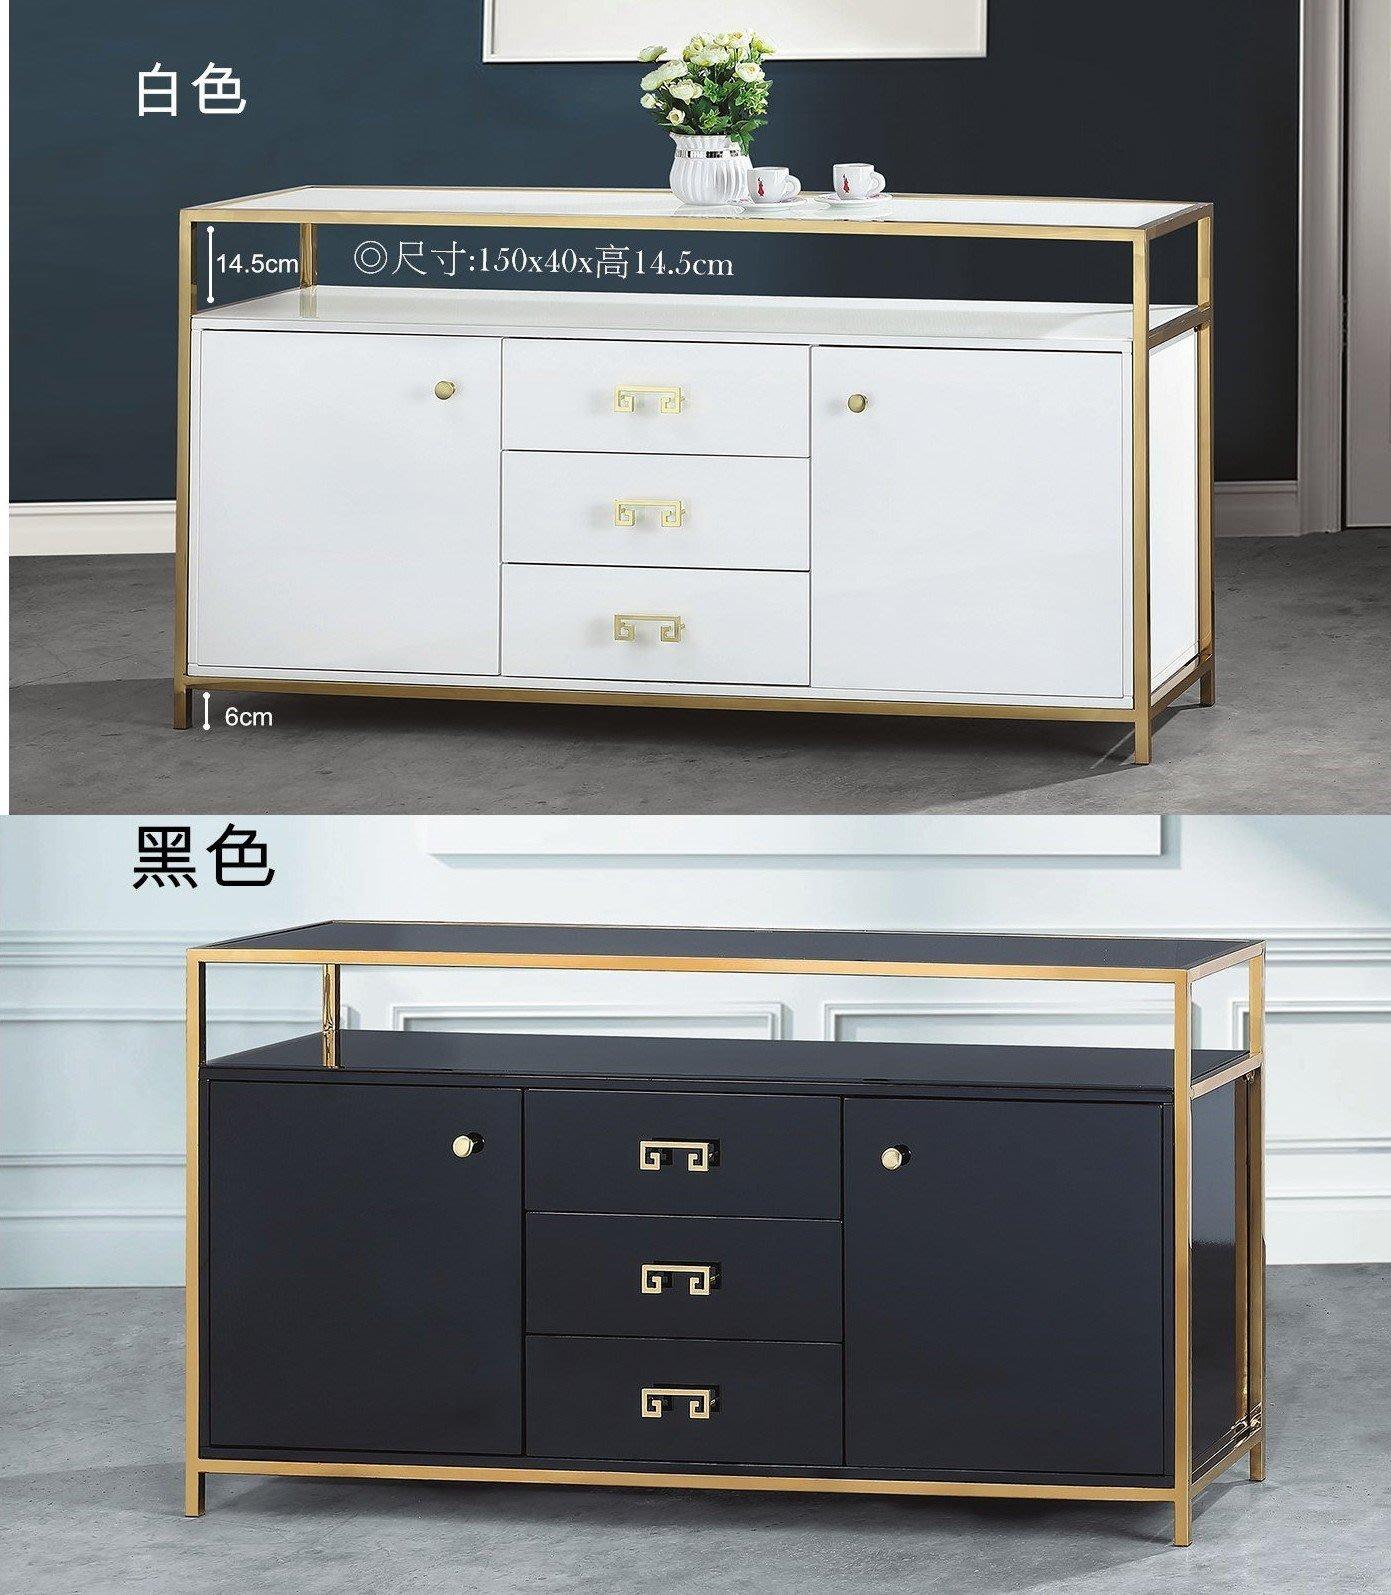 【新北大】20購 S835-2 白色.黑色5.1尺餐邊櫃/餐櫃(910) S835-3